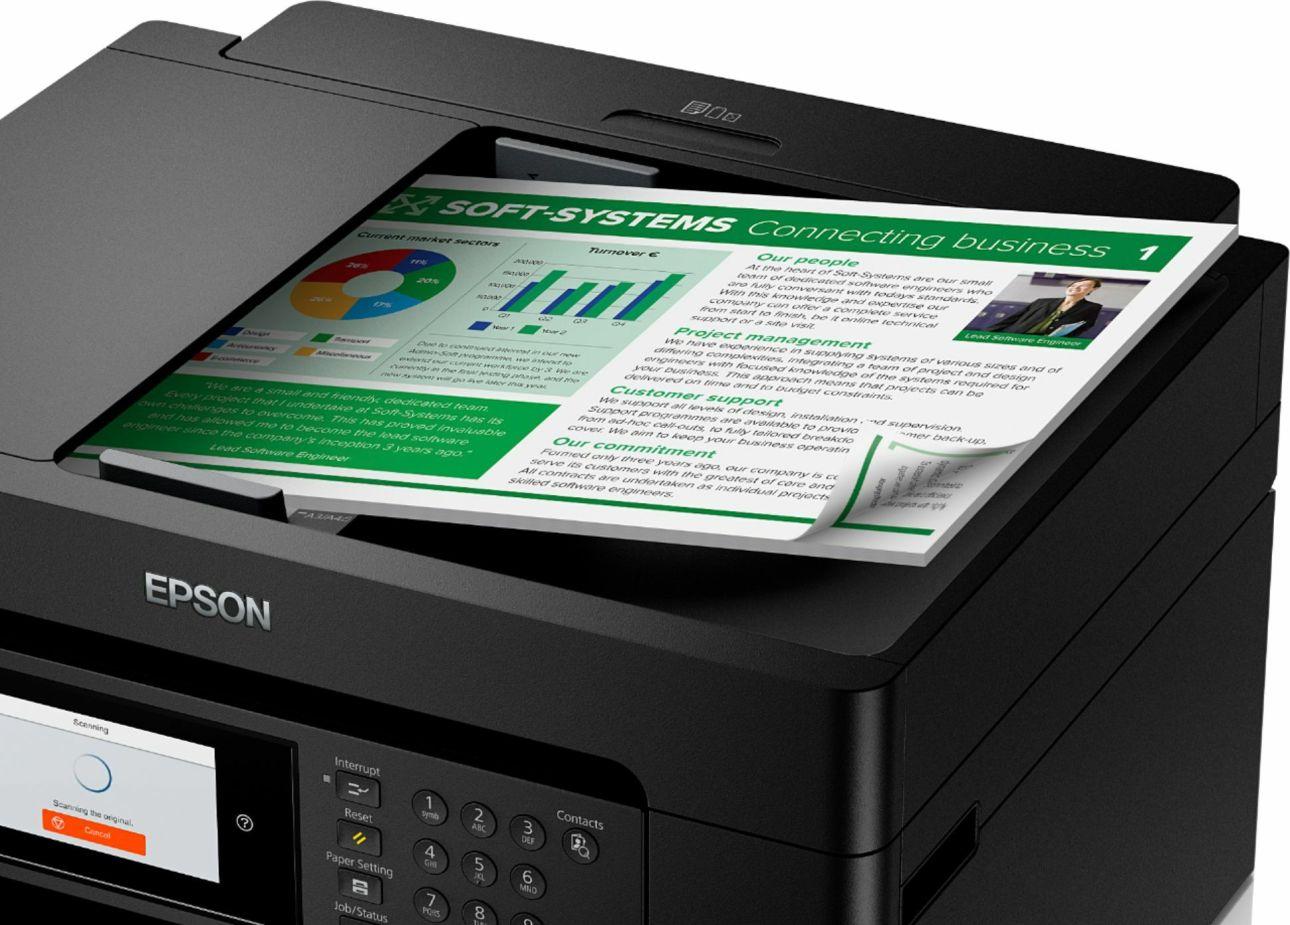 Устройство автоматической подачи документов Epson WorkForce Pro WF-7820